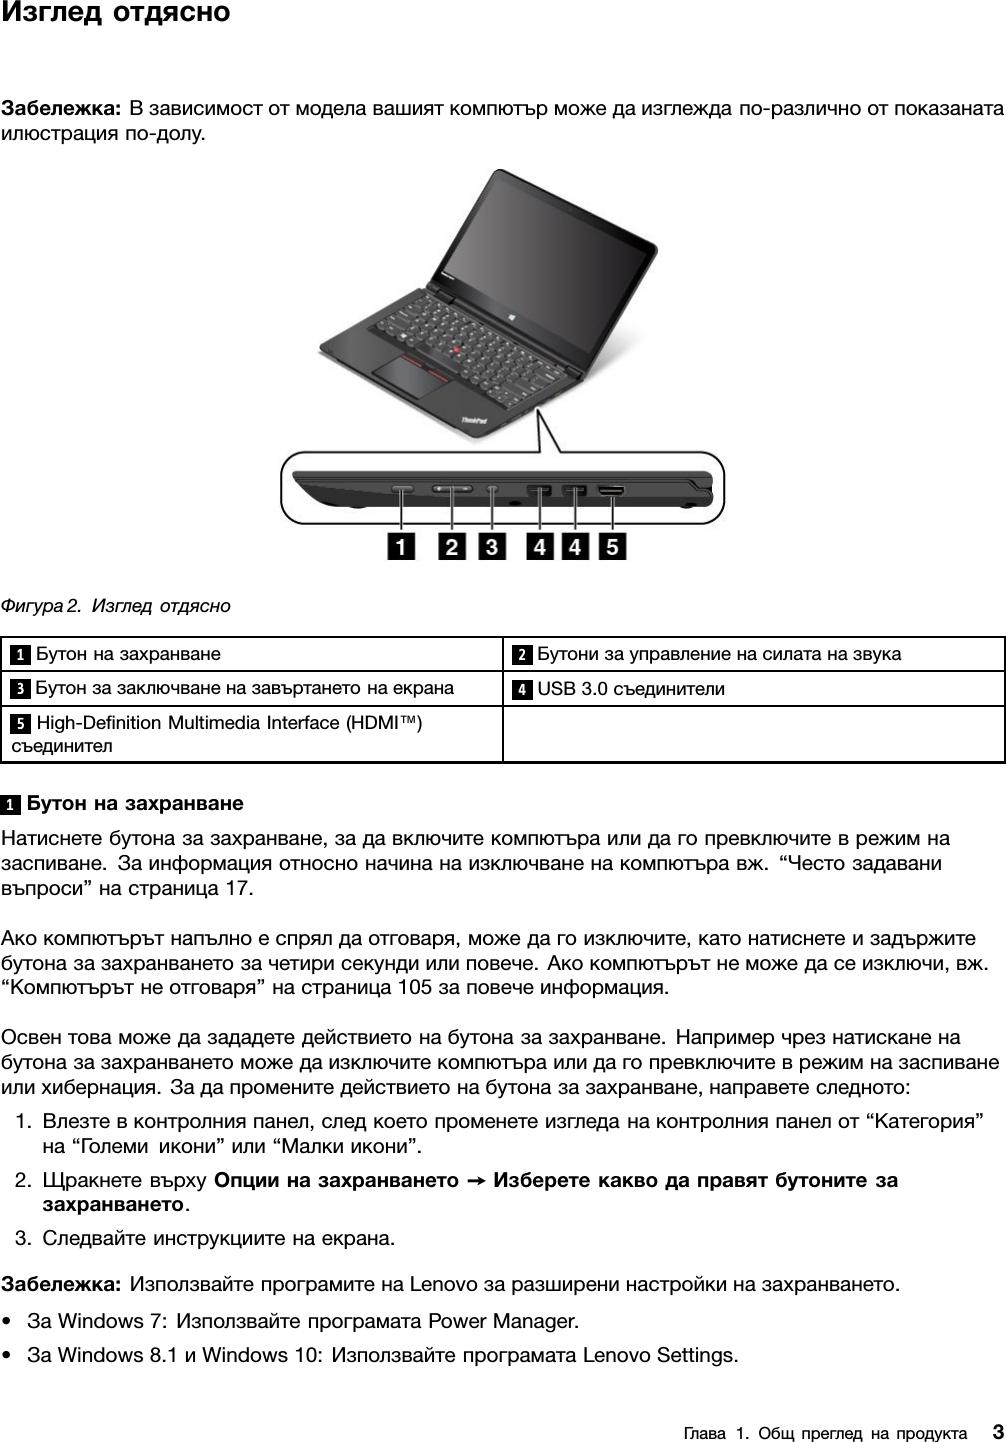 Lenovo Tp Yoga 14 Ug Bg User Manual (Bulgarian) Guide Think Pad